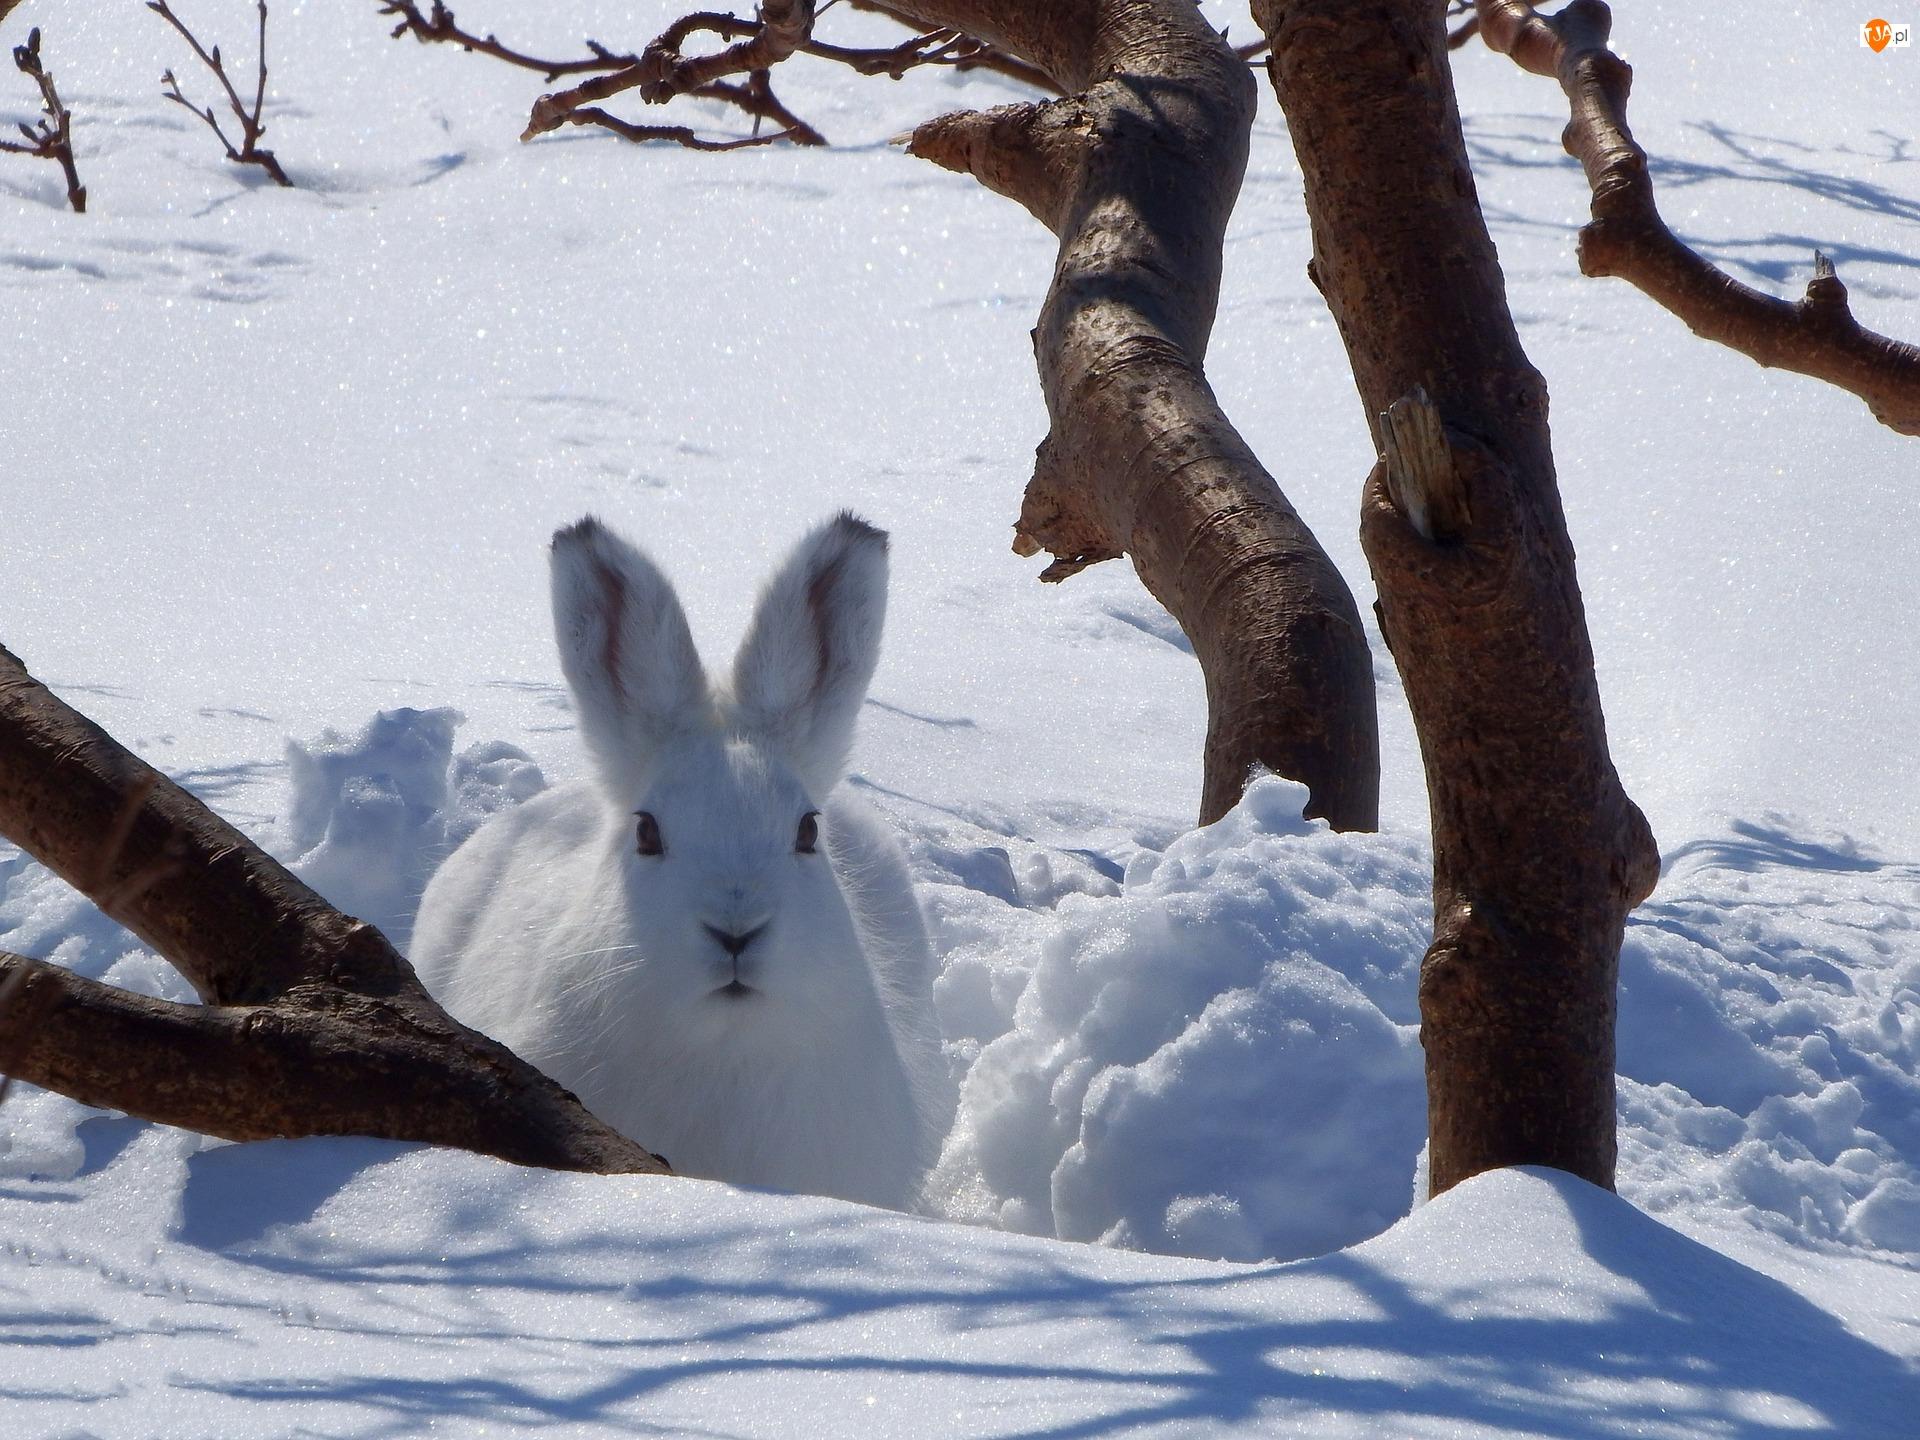 Śnieg, Zima, Zając, Biały, Drzewo